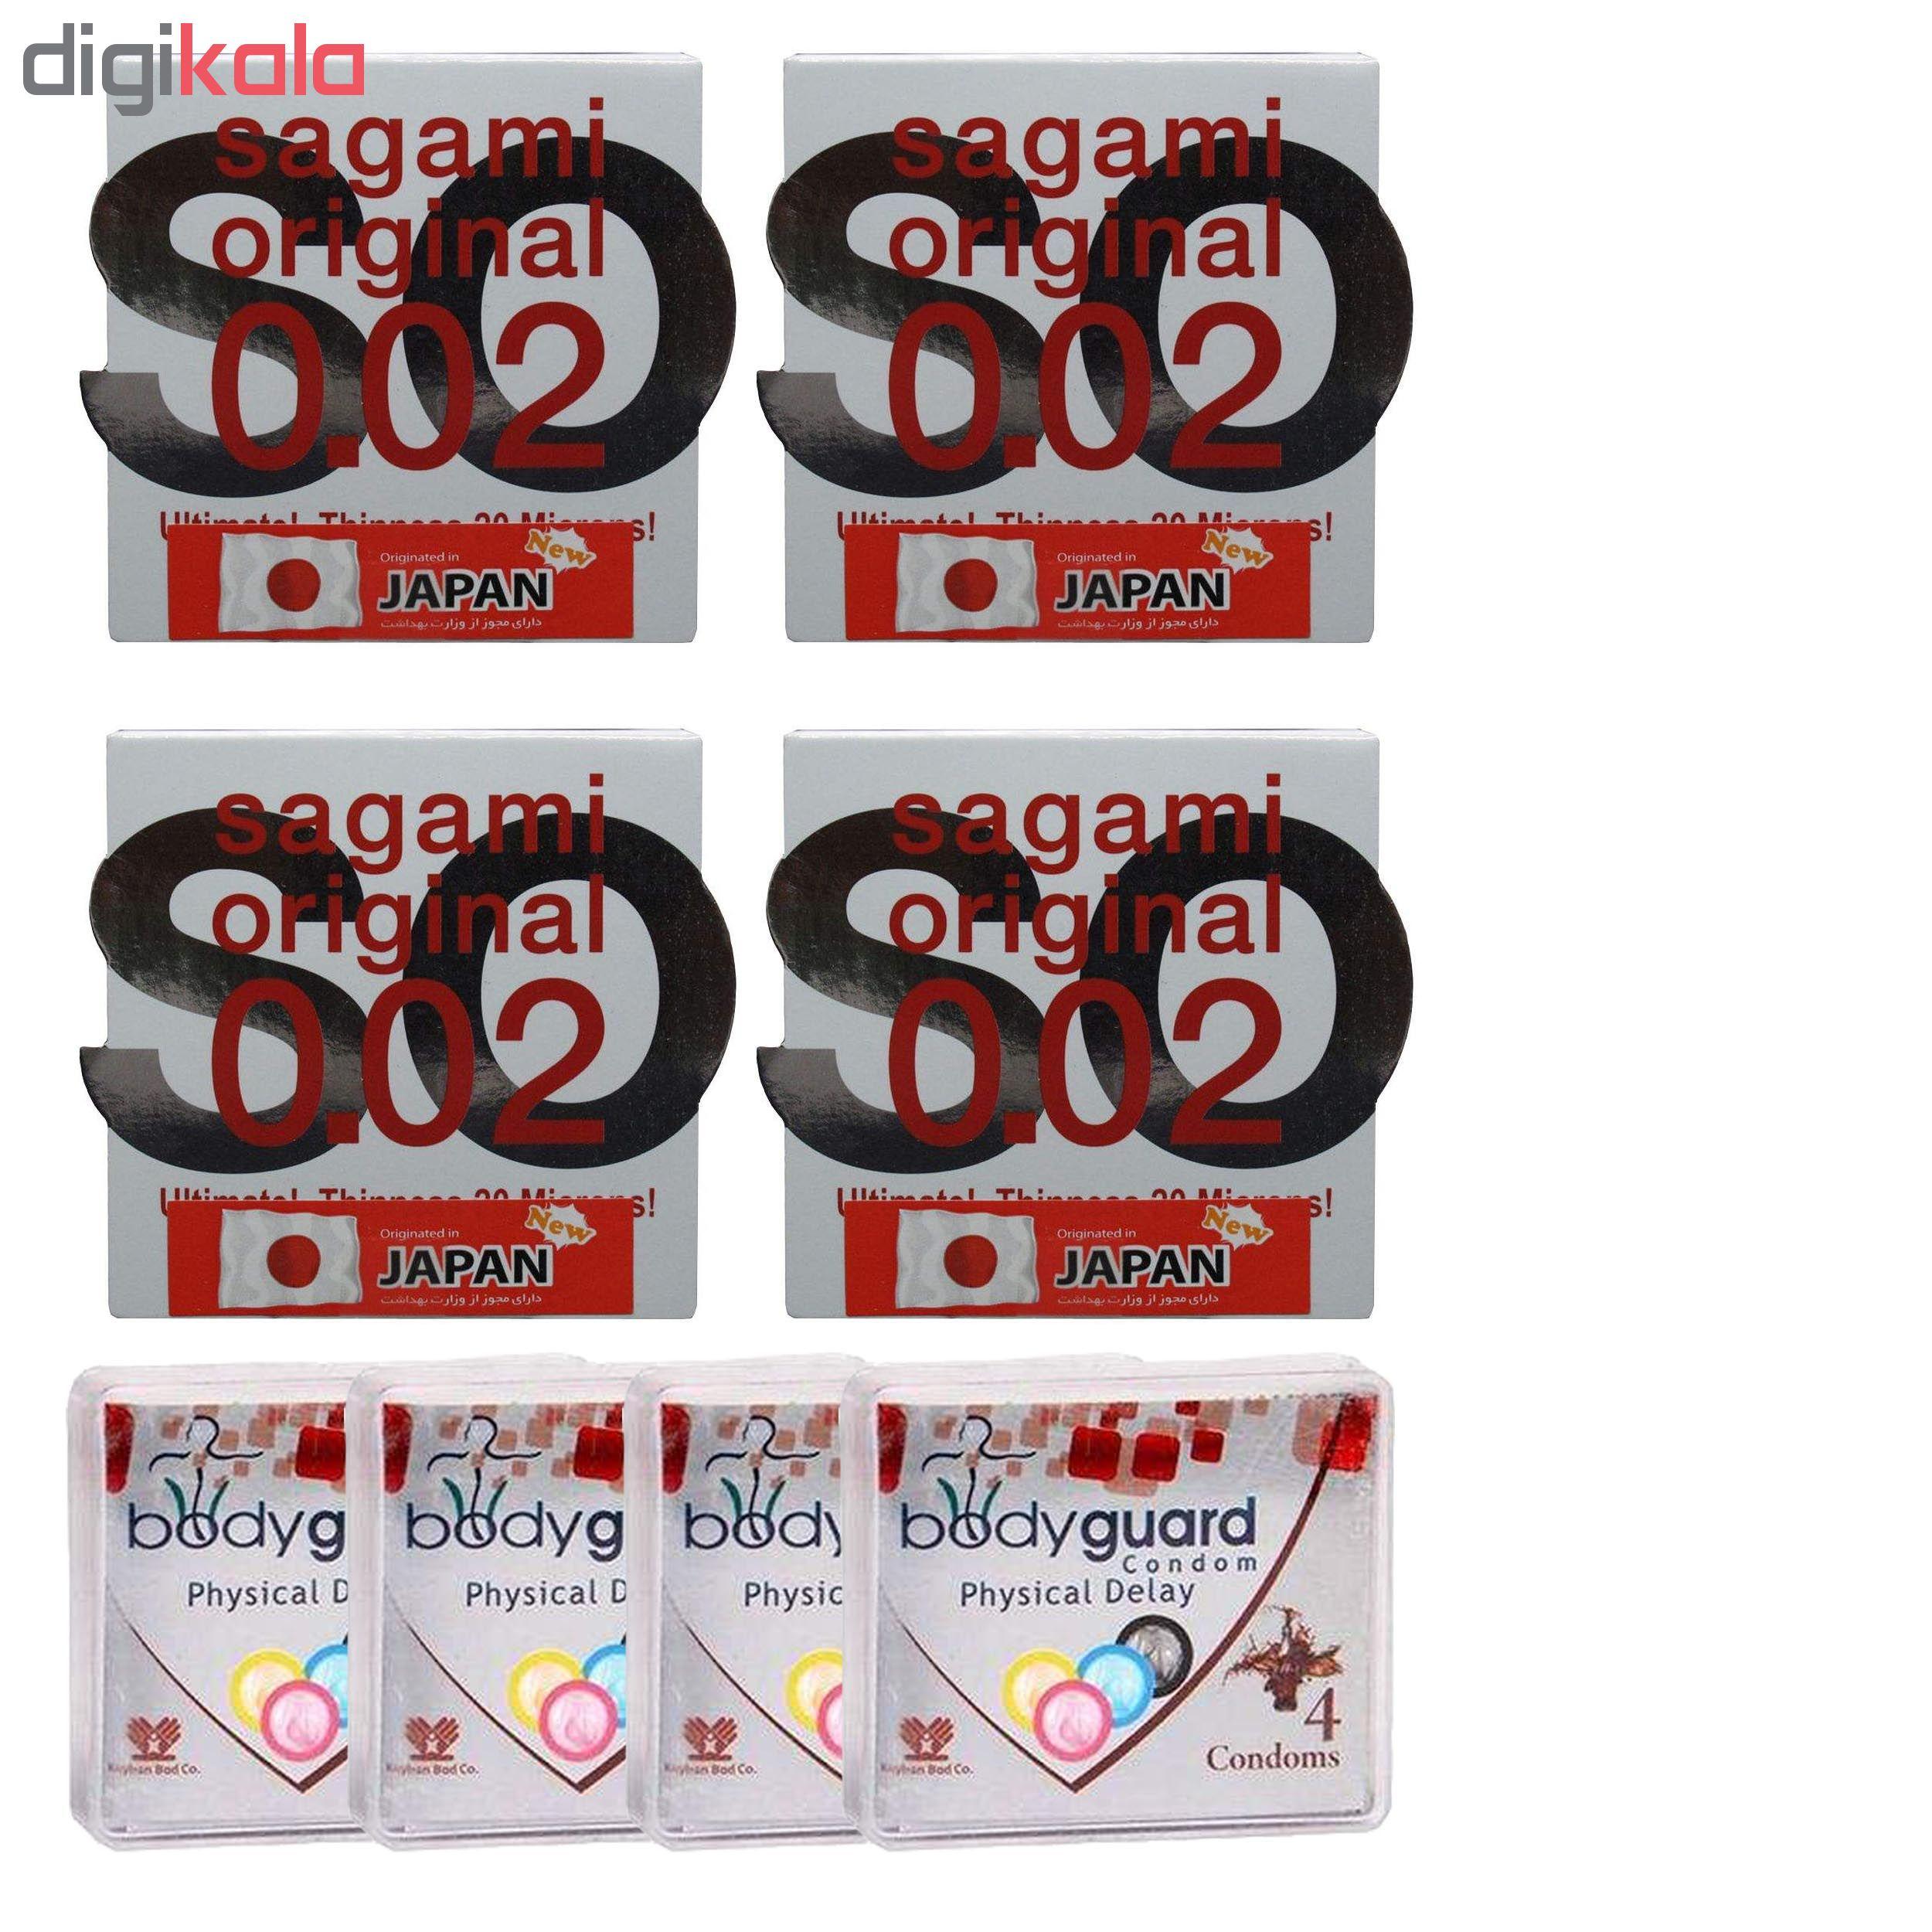 کاندوم ساگامی مدل نرمال مجموعه 4 عددی به همراه کاندوم بادی گارد مدل Delay مجموعه 4 عددی